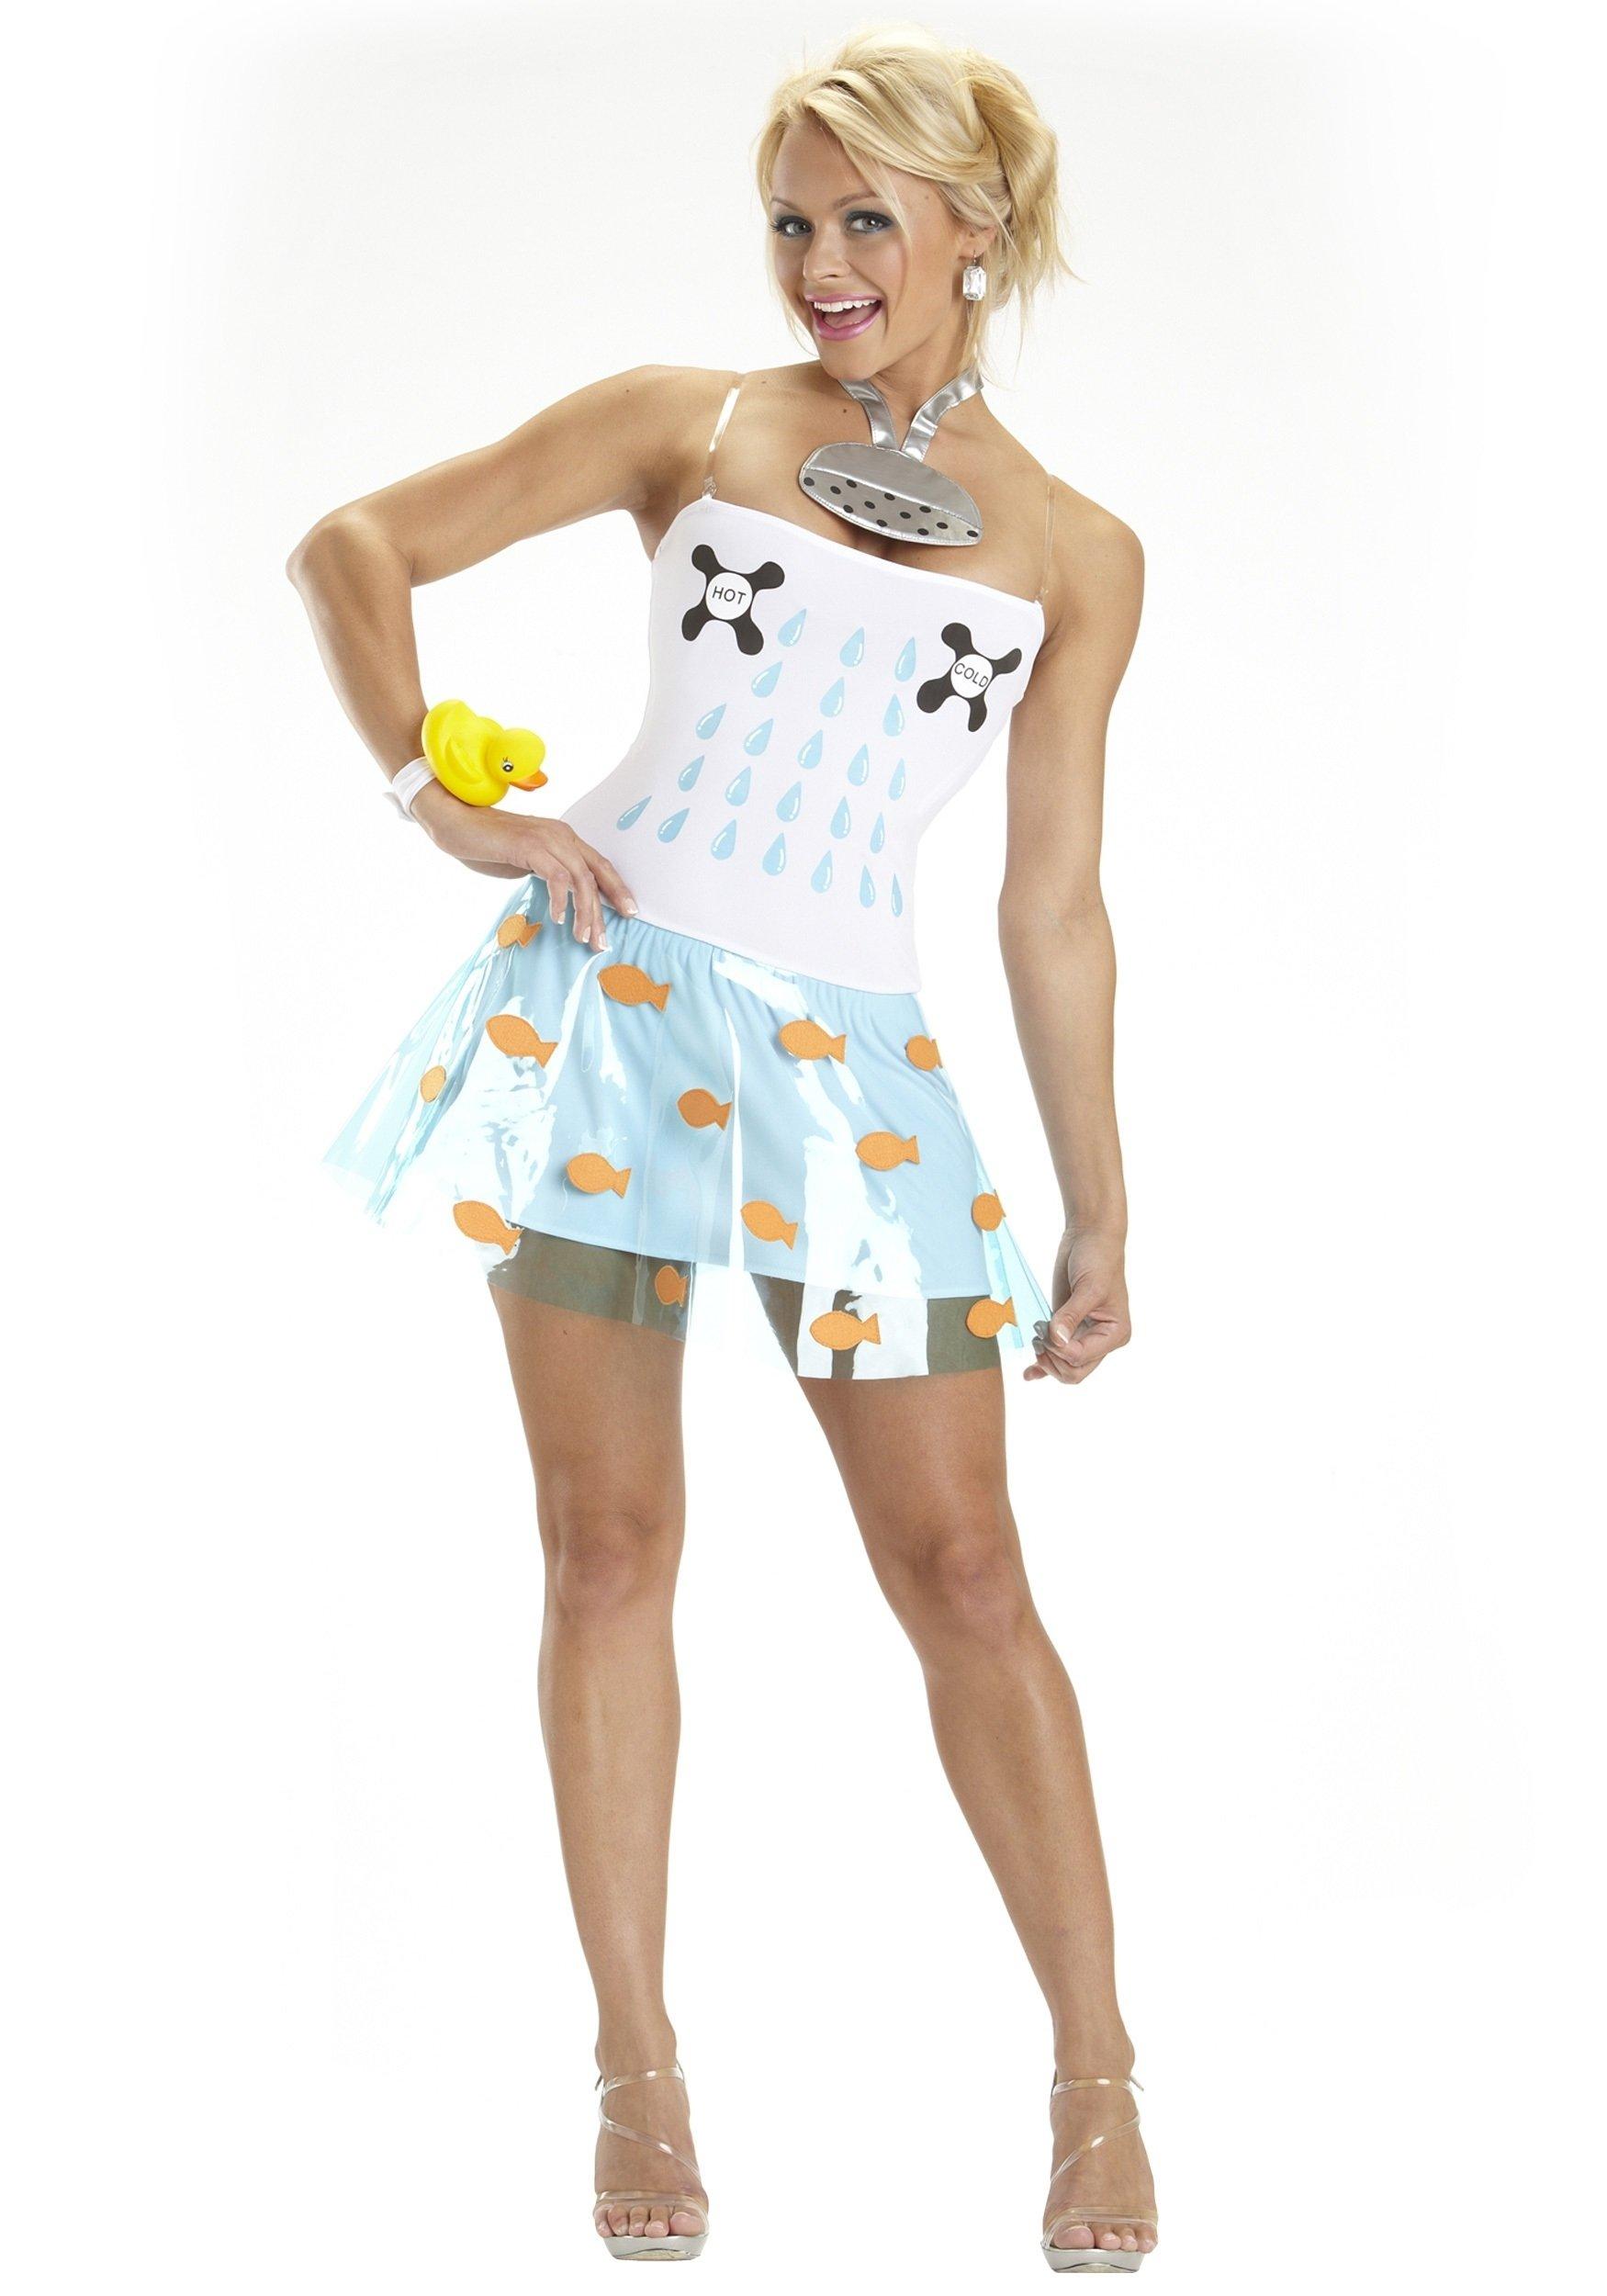 10 Pretty Unique Female Halloween Costume Ideas halloween costume ideas for women funny female halloween funny 10 2020